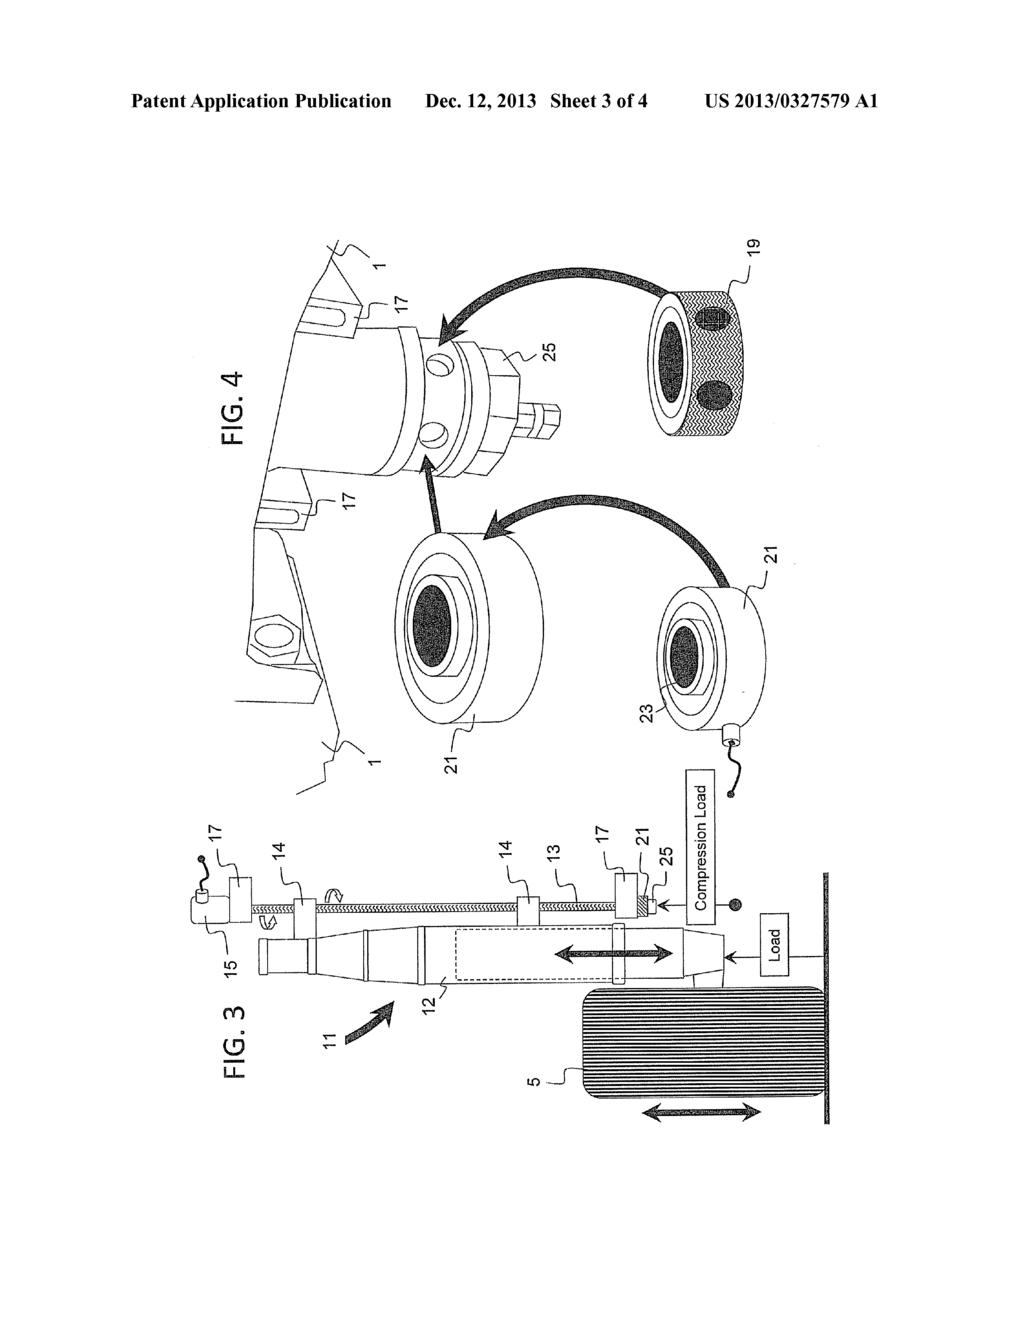 C 130 Schematic – The Wiring Diagram